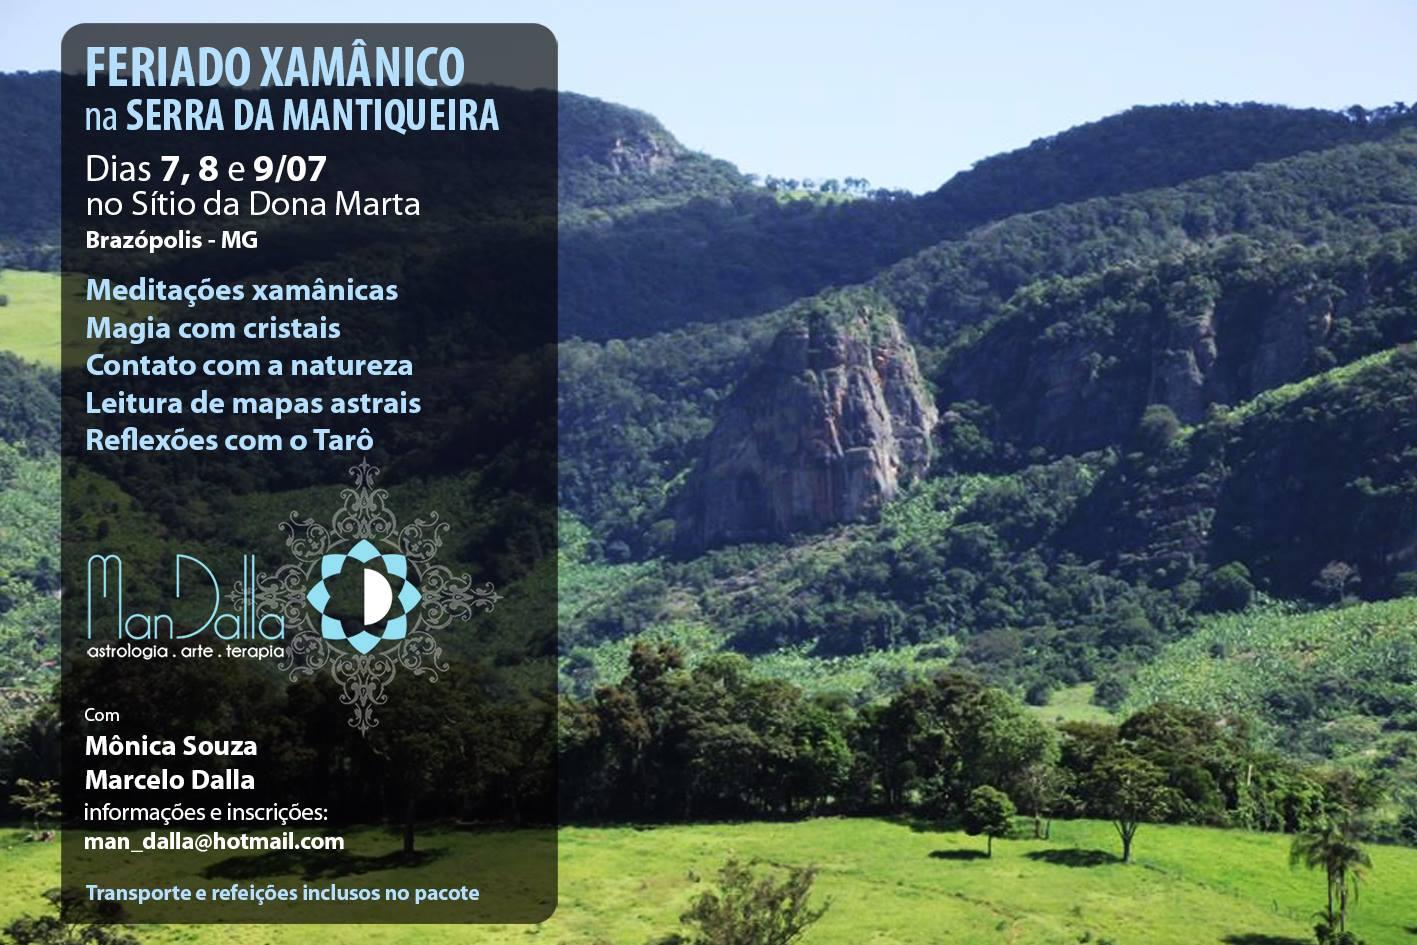 Feriado Xamânico na Serra da Mantiqueira